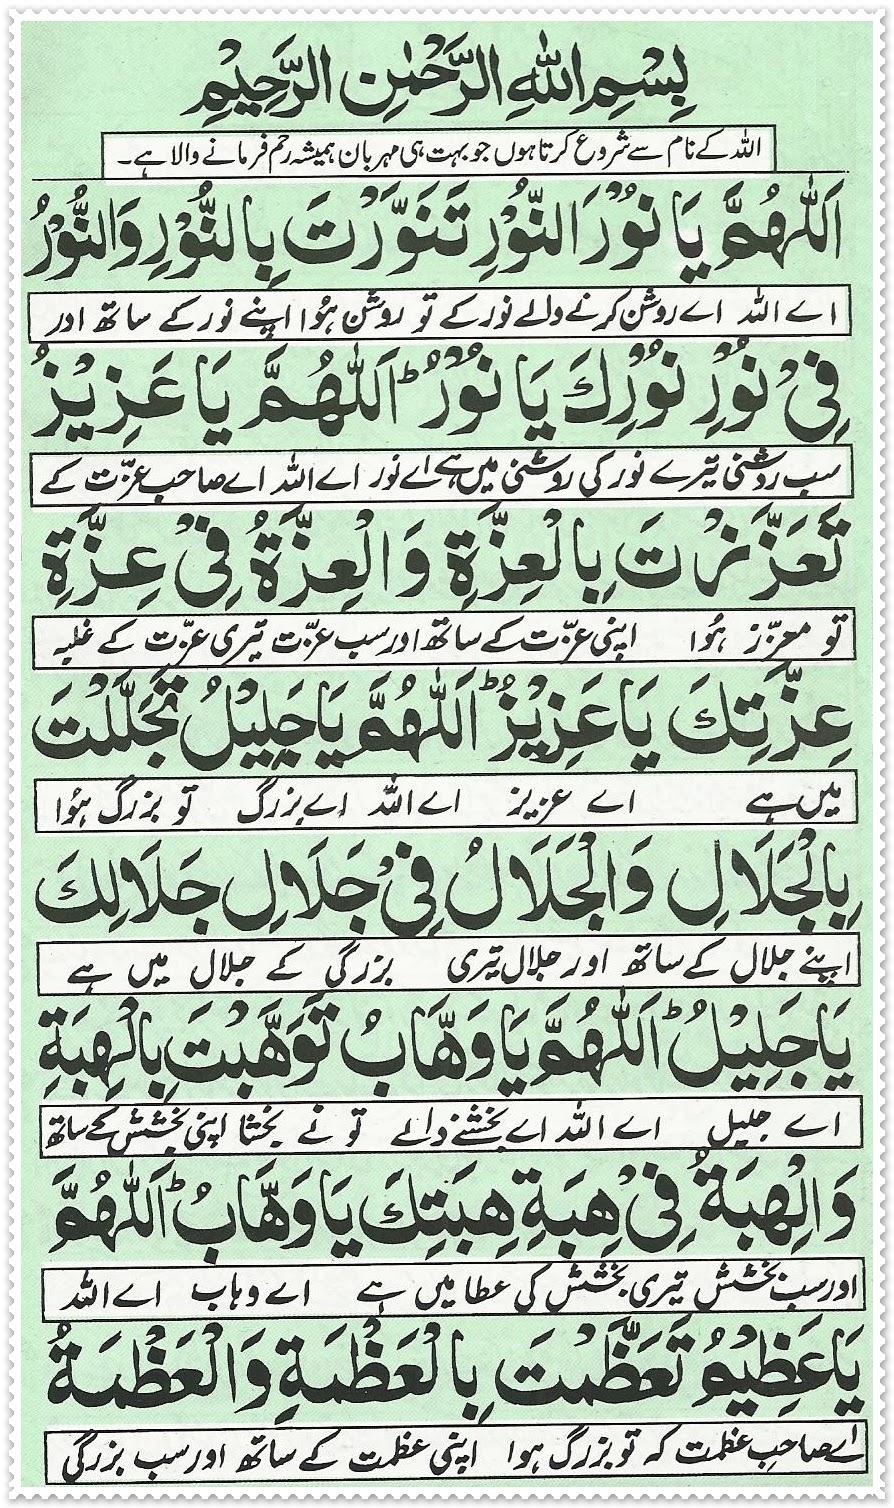 Benefits of Dua Noor | Quranic Wazifas - Qurani Wazaif